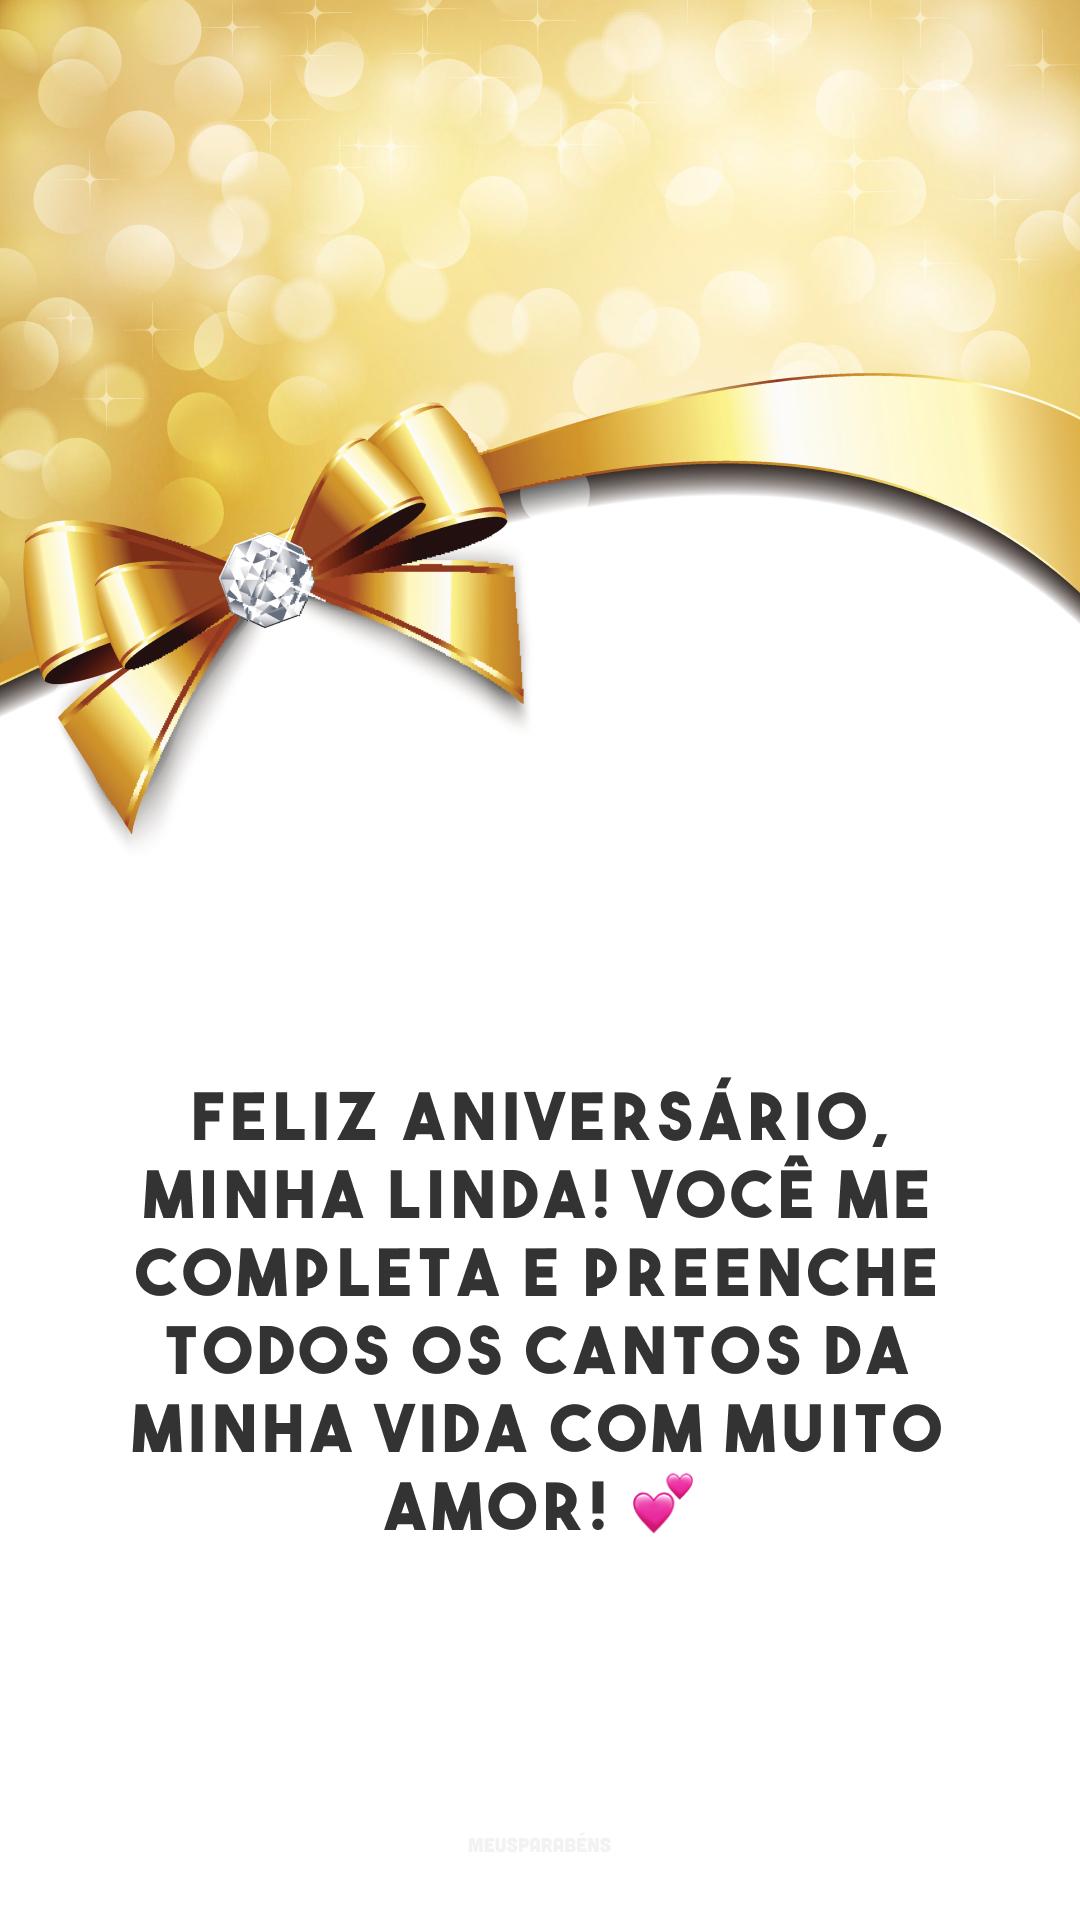 Feliz aniversário, minha linda! Você me completa e preenche todos os cantos da minha vida com muito amor! 💕